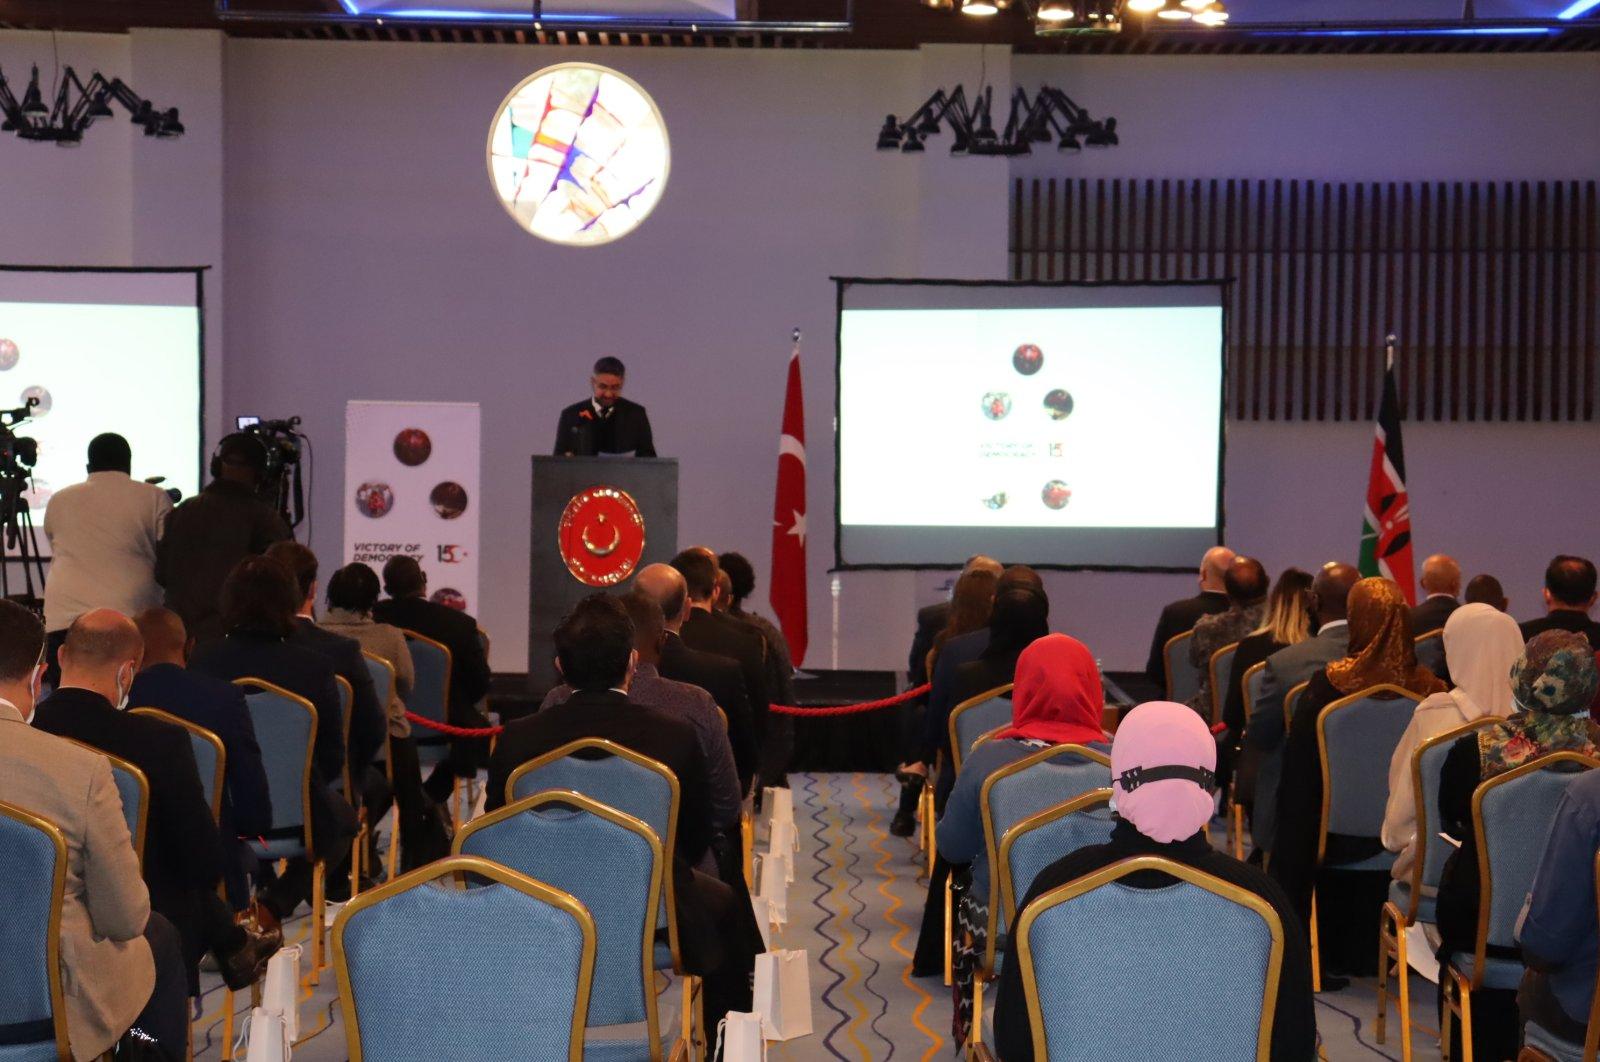 Turkish Cooperation and Coordination Agency (TIKA) Nairobi coordinator Eyüp Yavuz Ümütlü speaking during an organization to celebrate Turkey's defeat of the 2016 coup attempt, Nairobi, Kenya, July 11, 2021 (AA Photo)